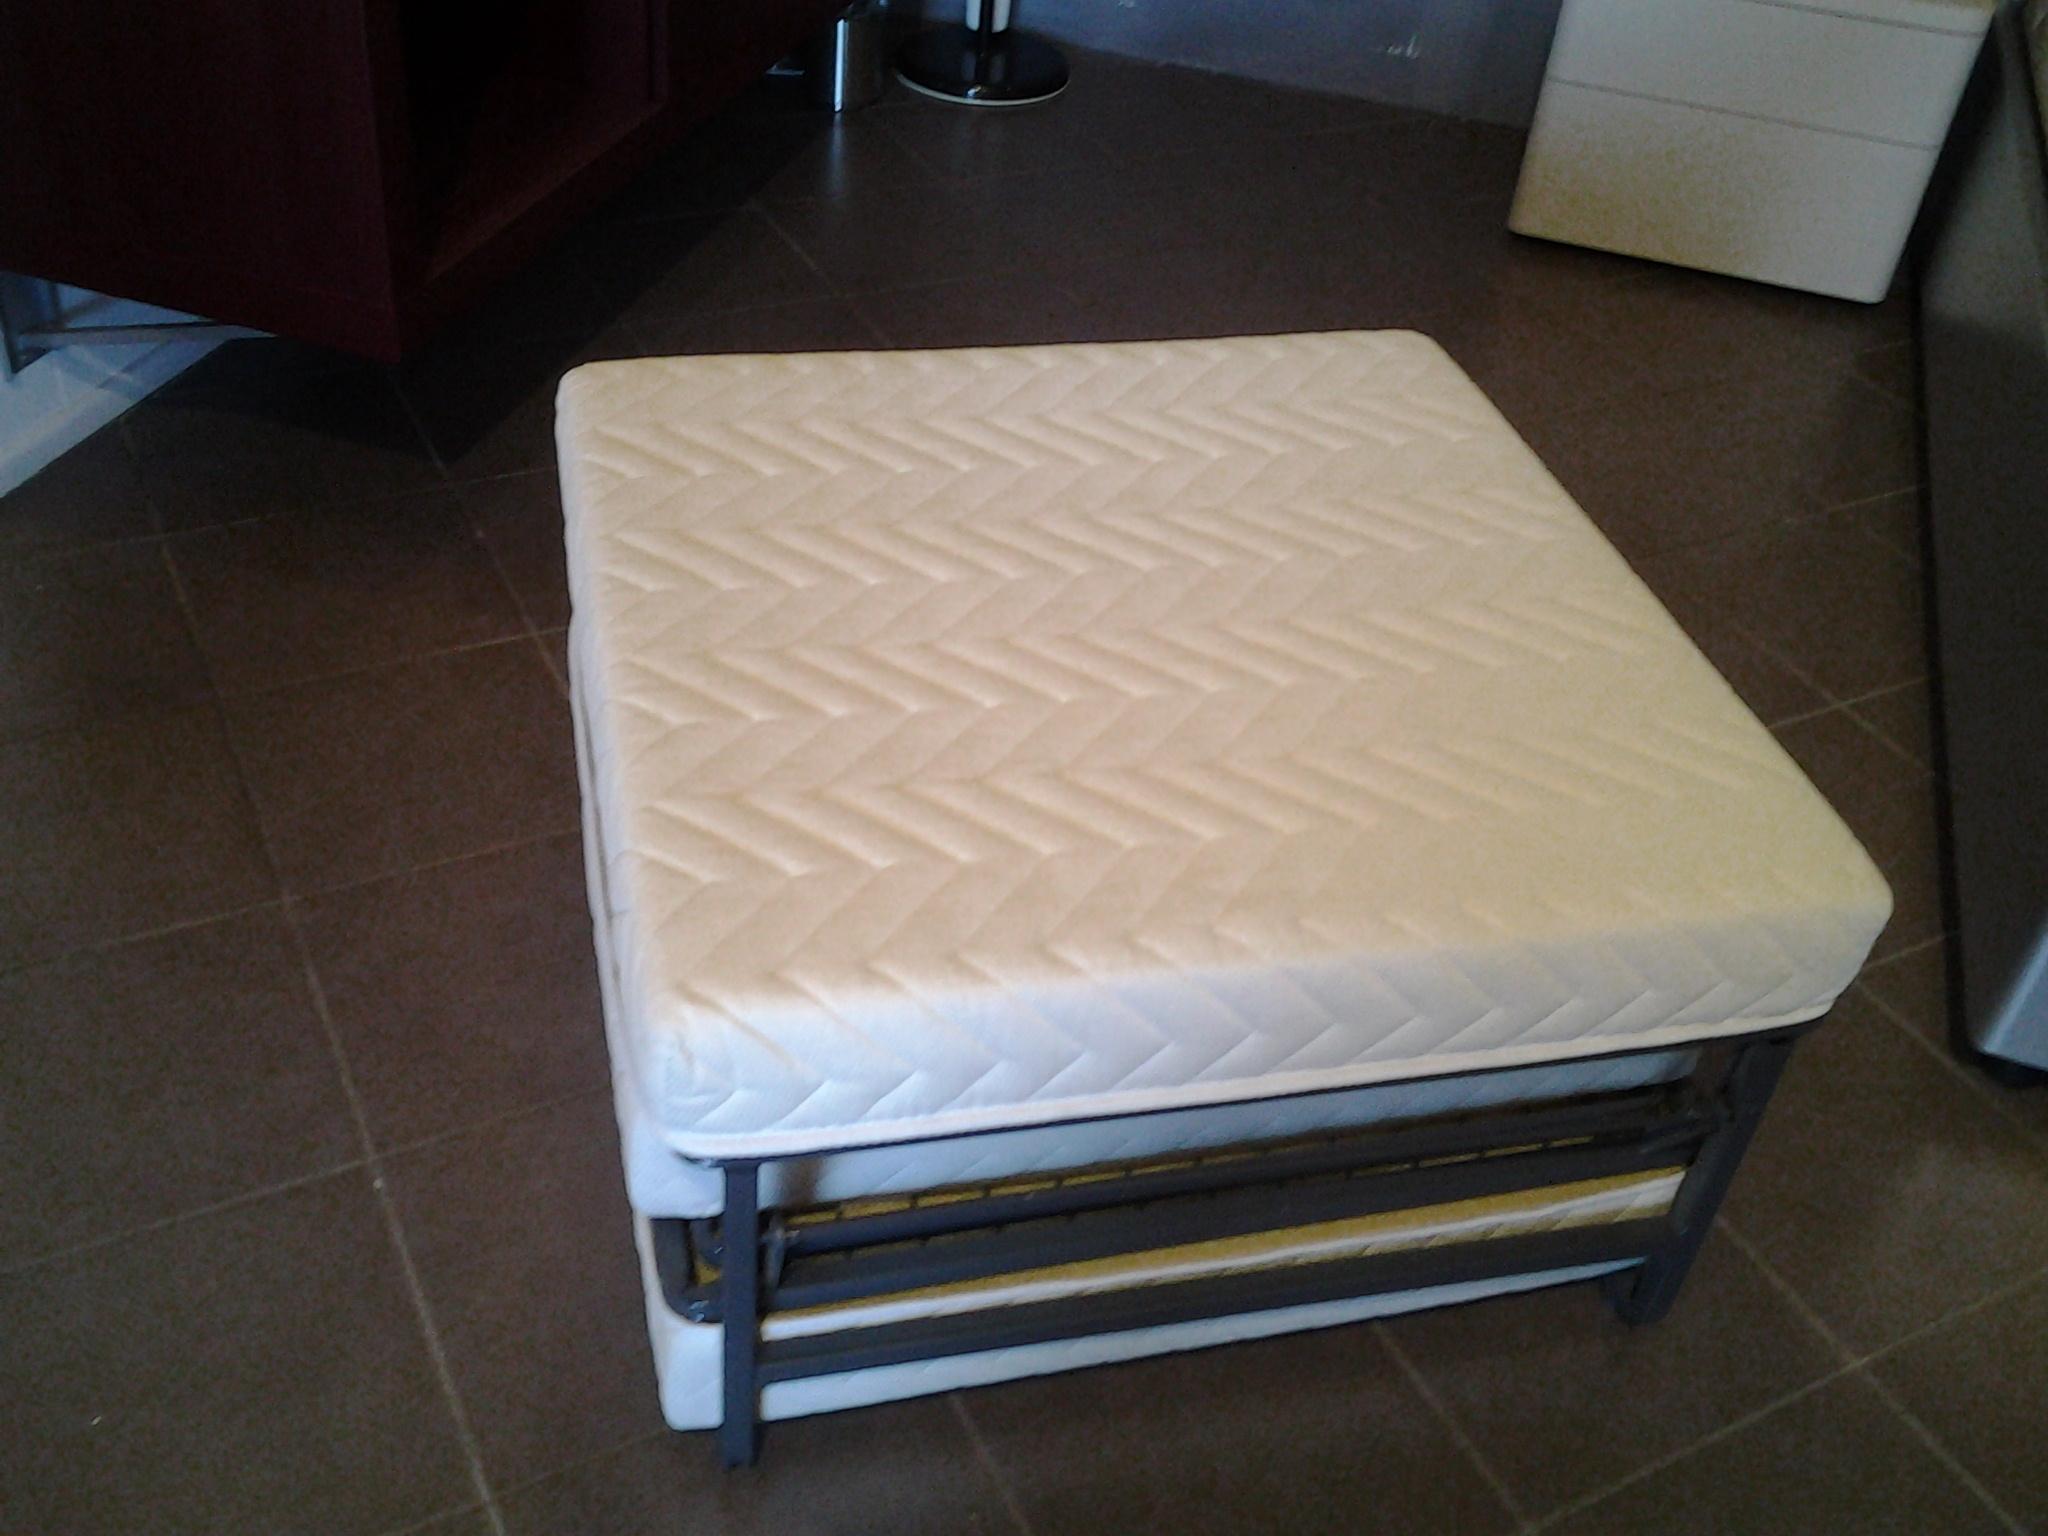 Beautiful pouf letto prezzi images for Divani letto prezzi bassi